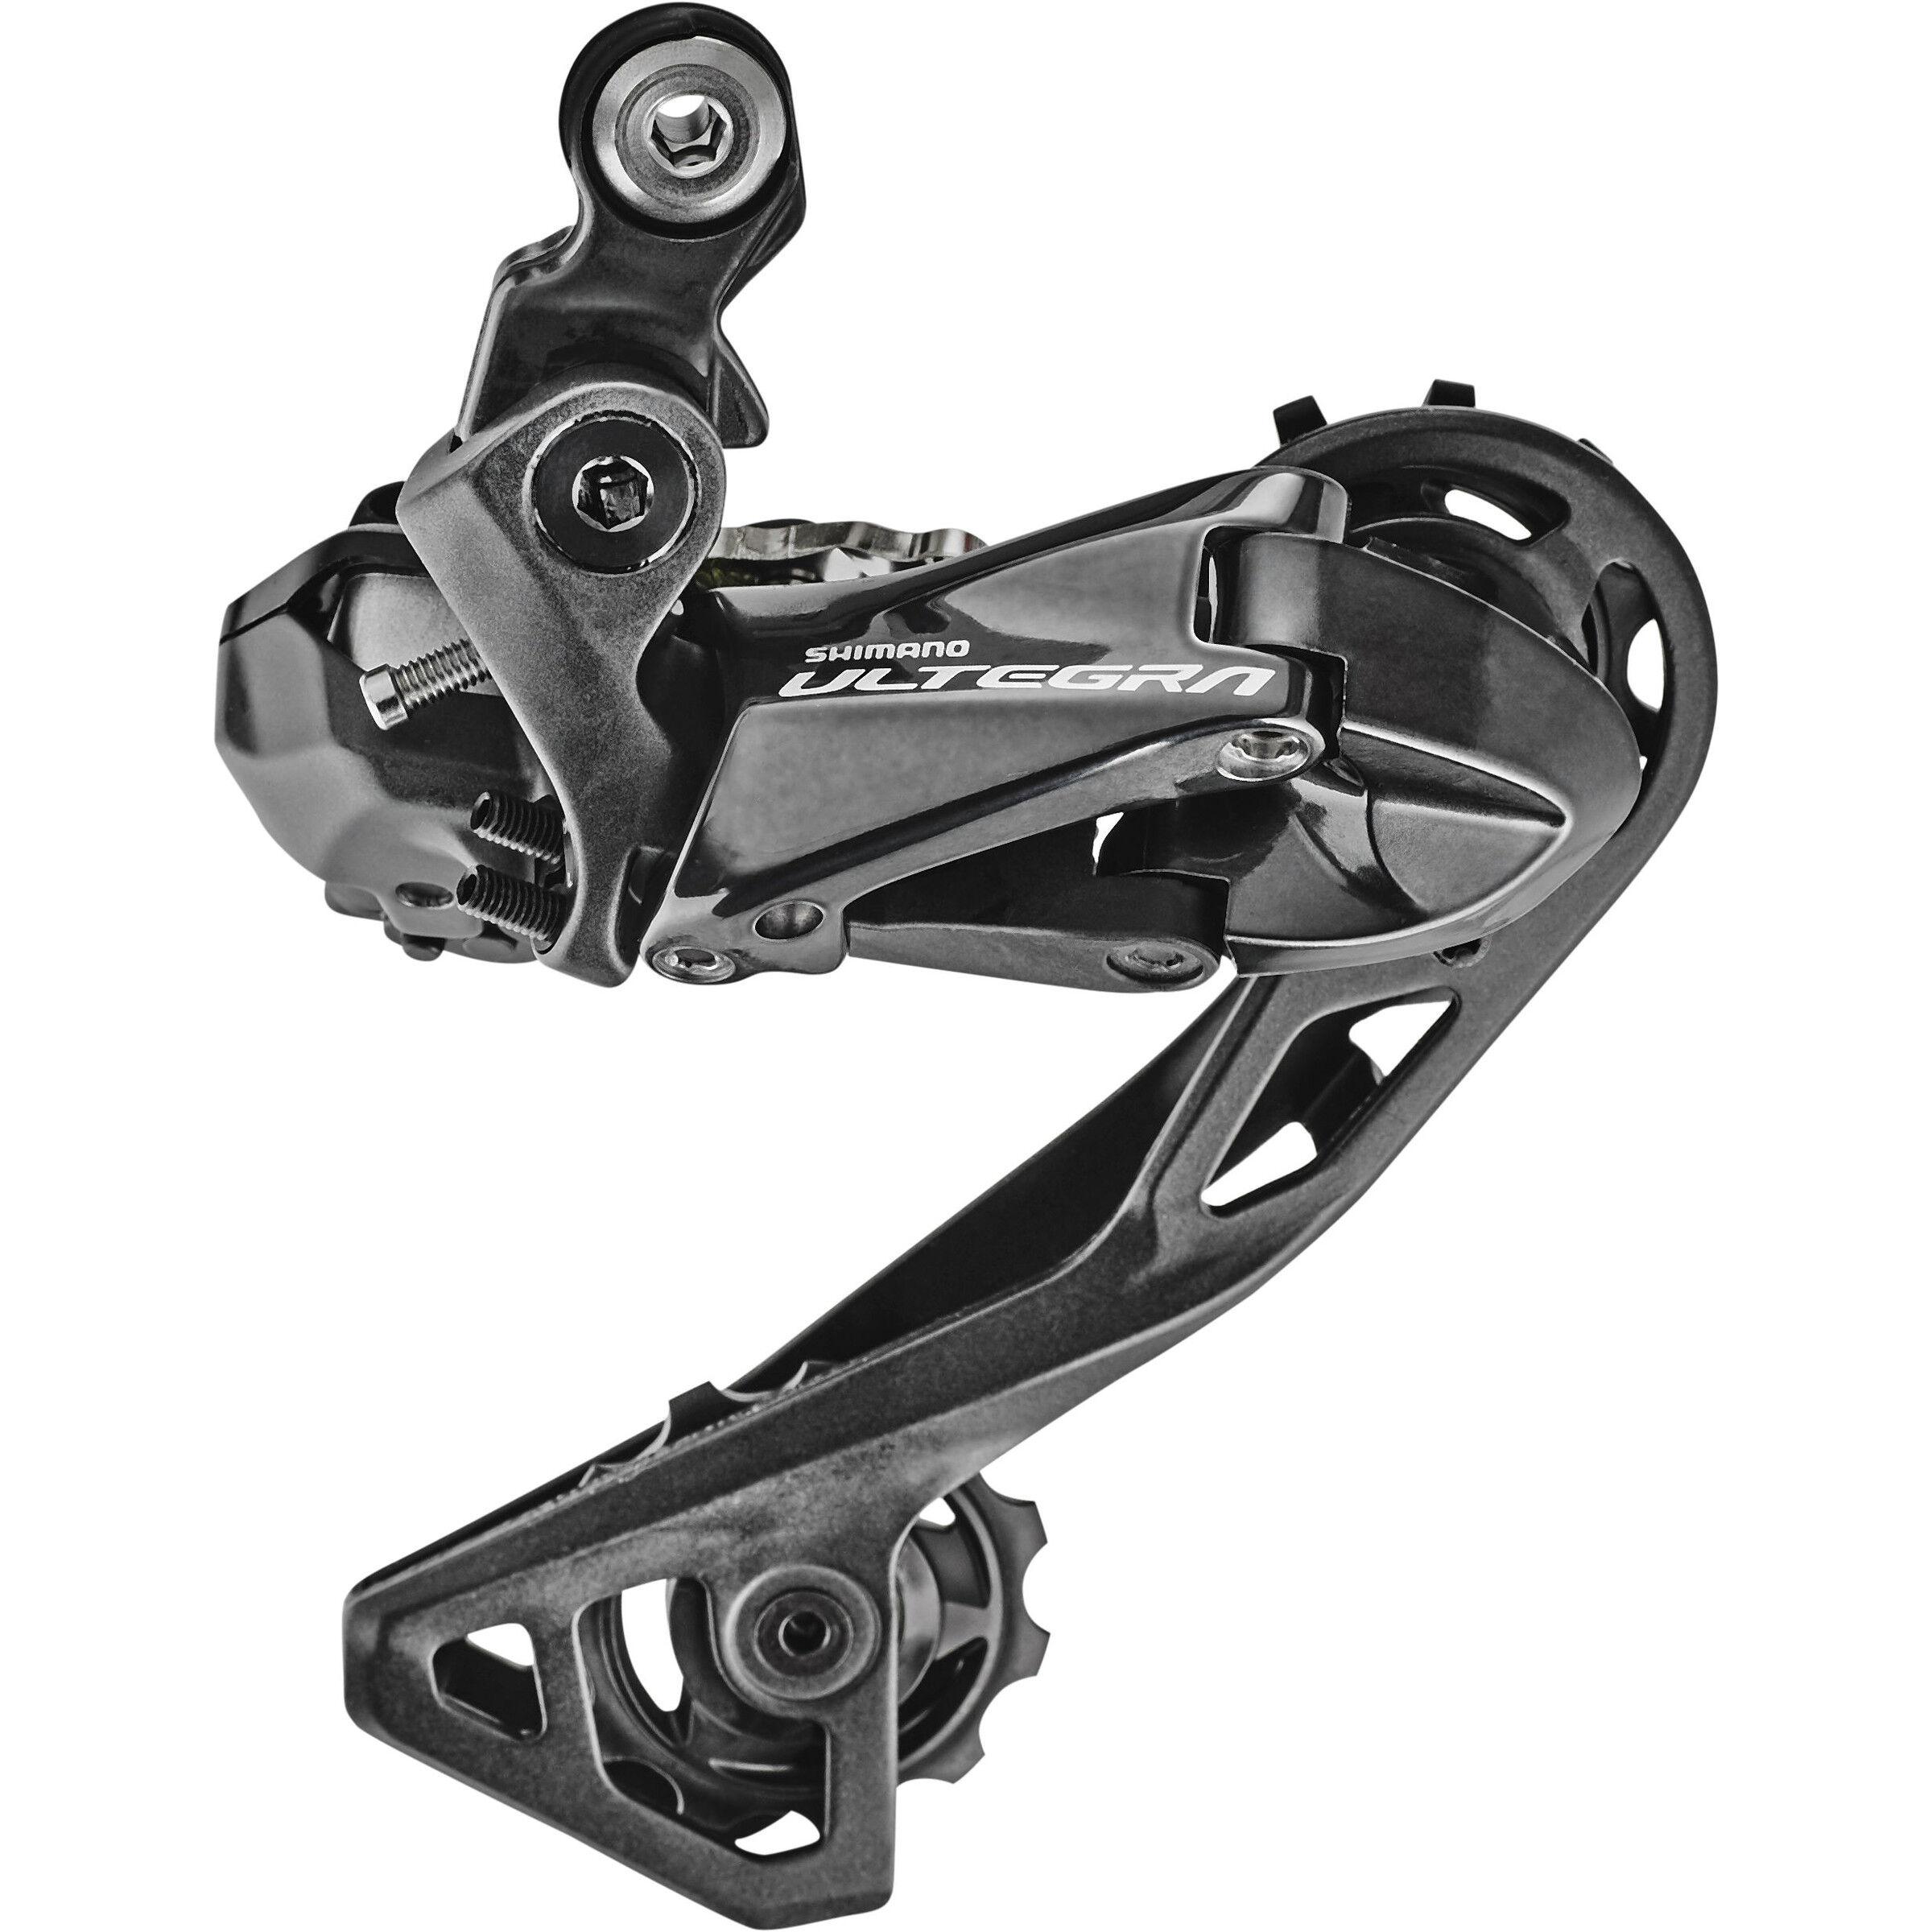 Shimano Ultegra RD-6800 Schaltwerk 11-fach grau glanz 2019 Mountainbike Schaltwerke Radsport